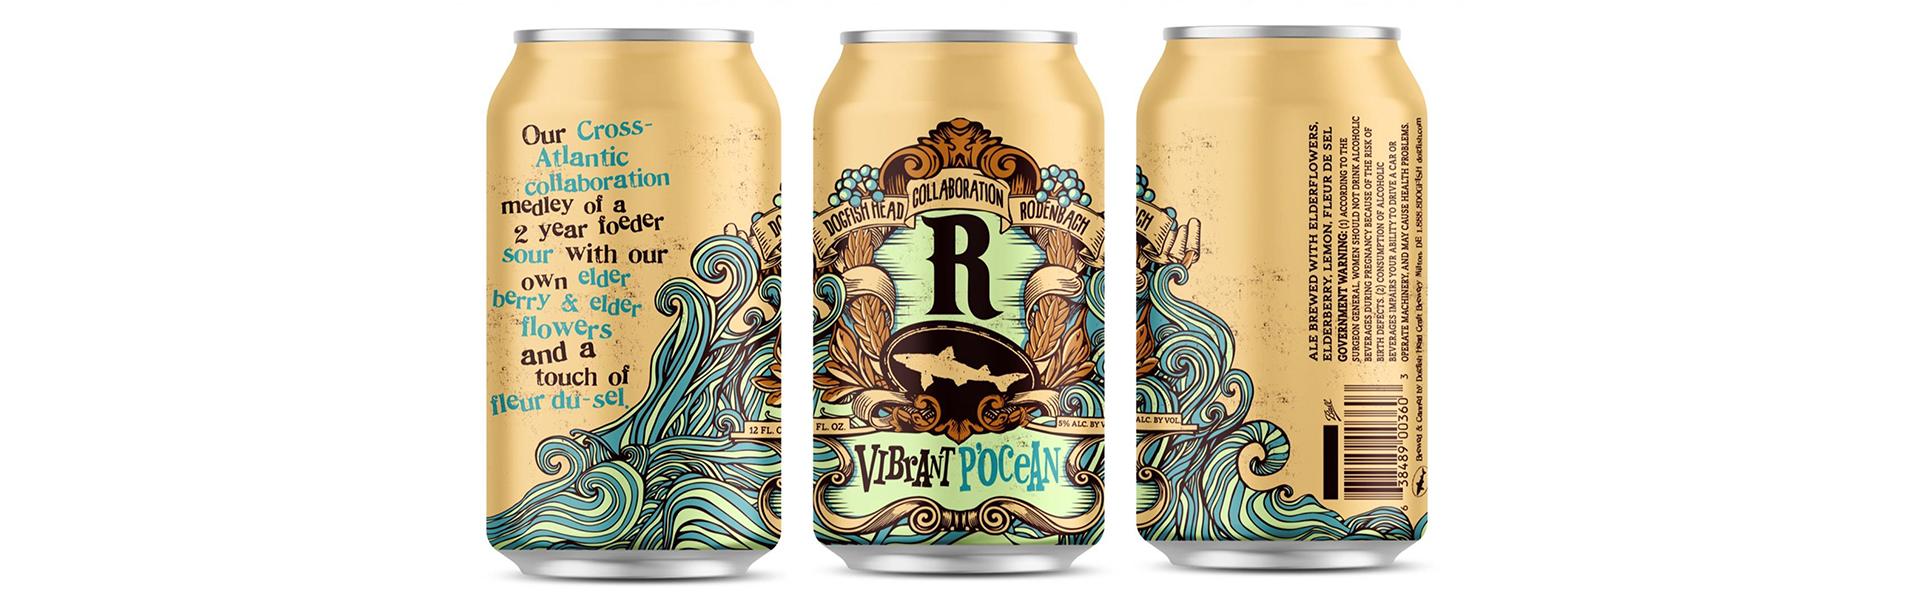 Legendariska Rodenbach i suröls-samarbete med Dogfish Head Brewery från USA.